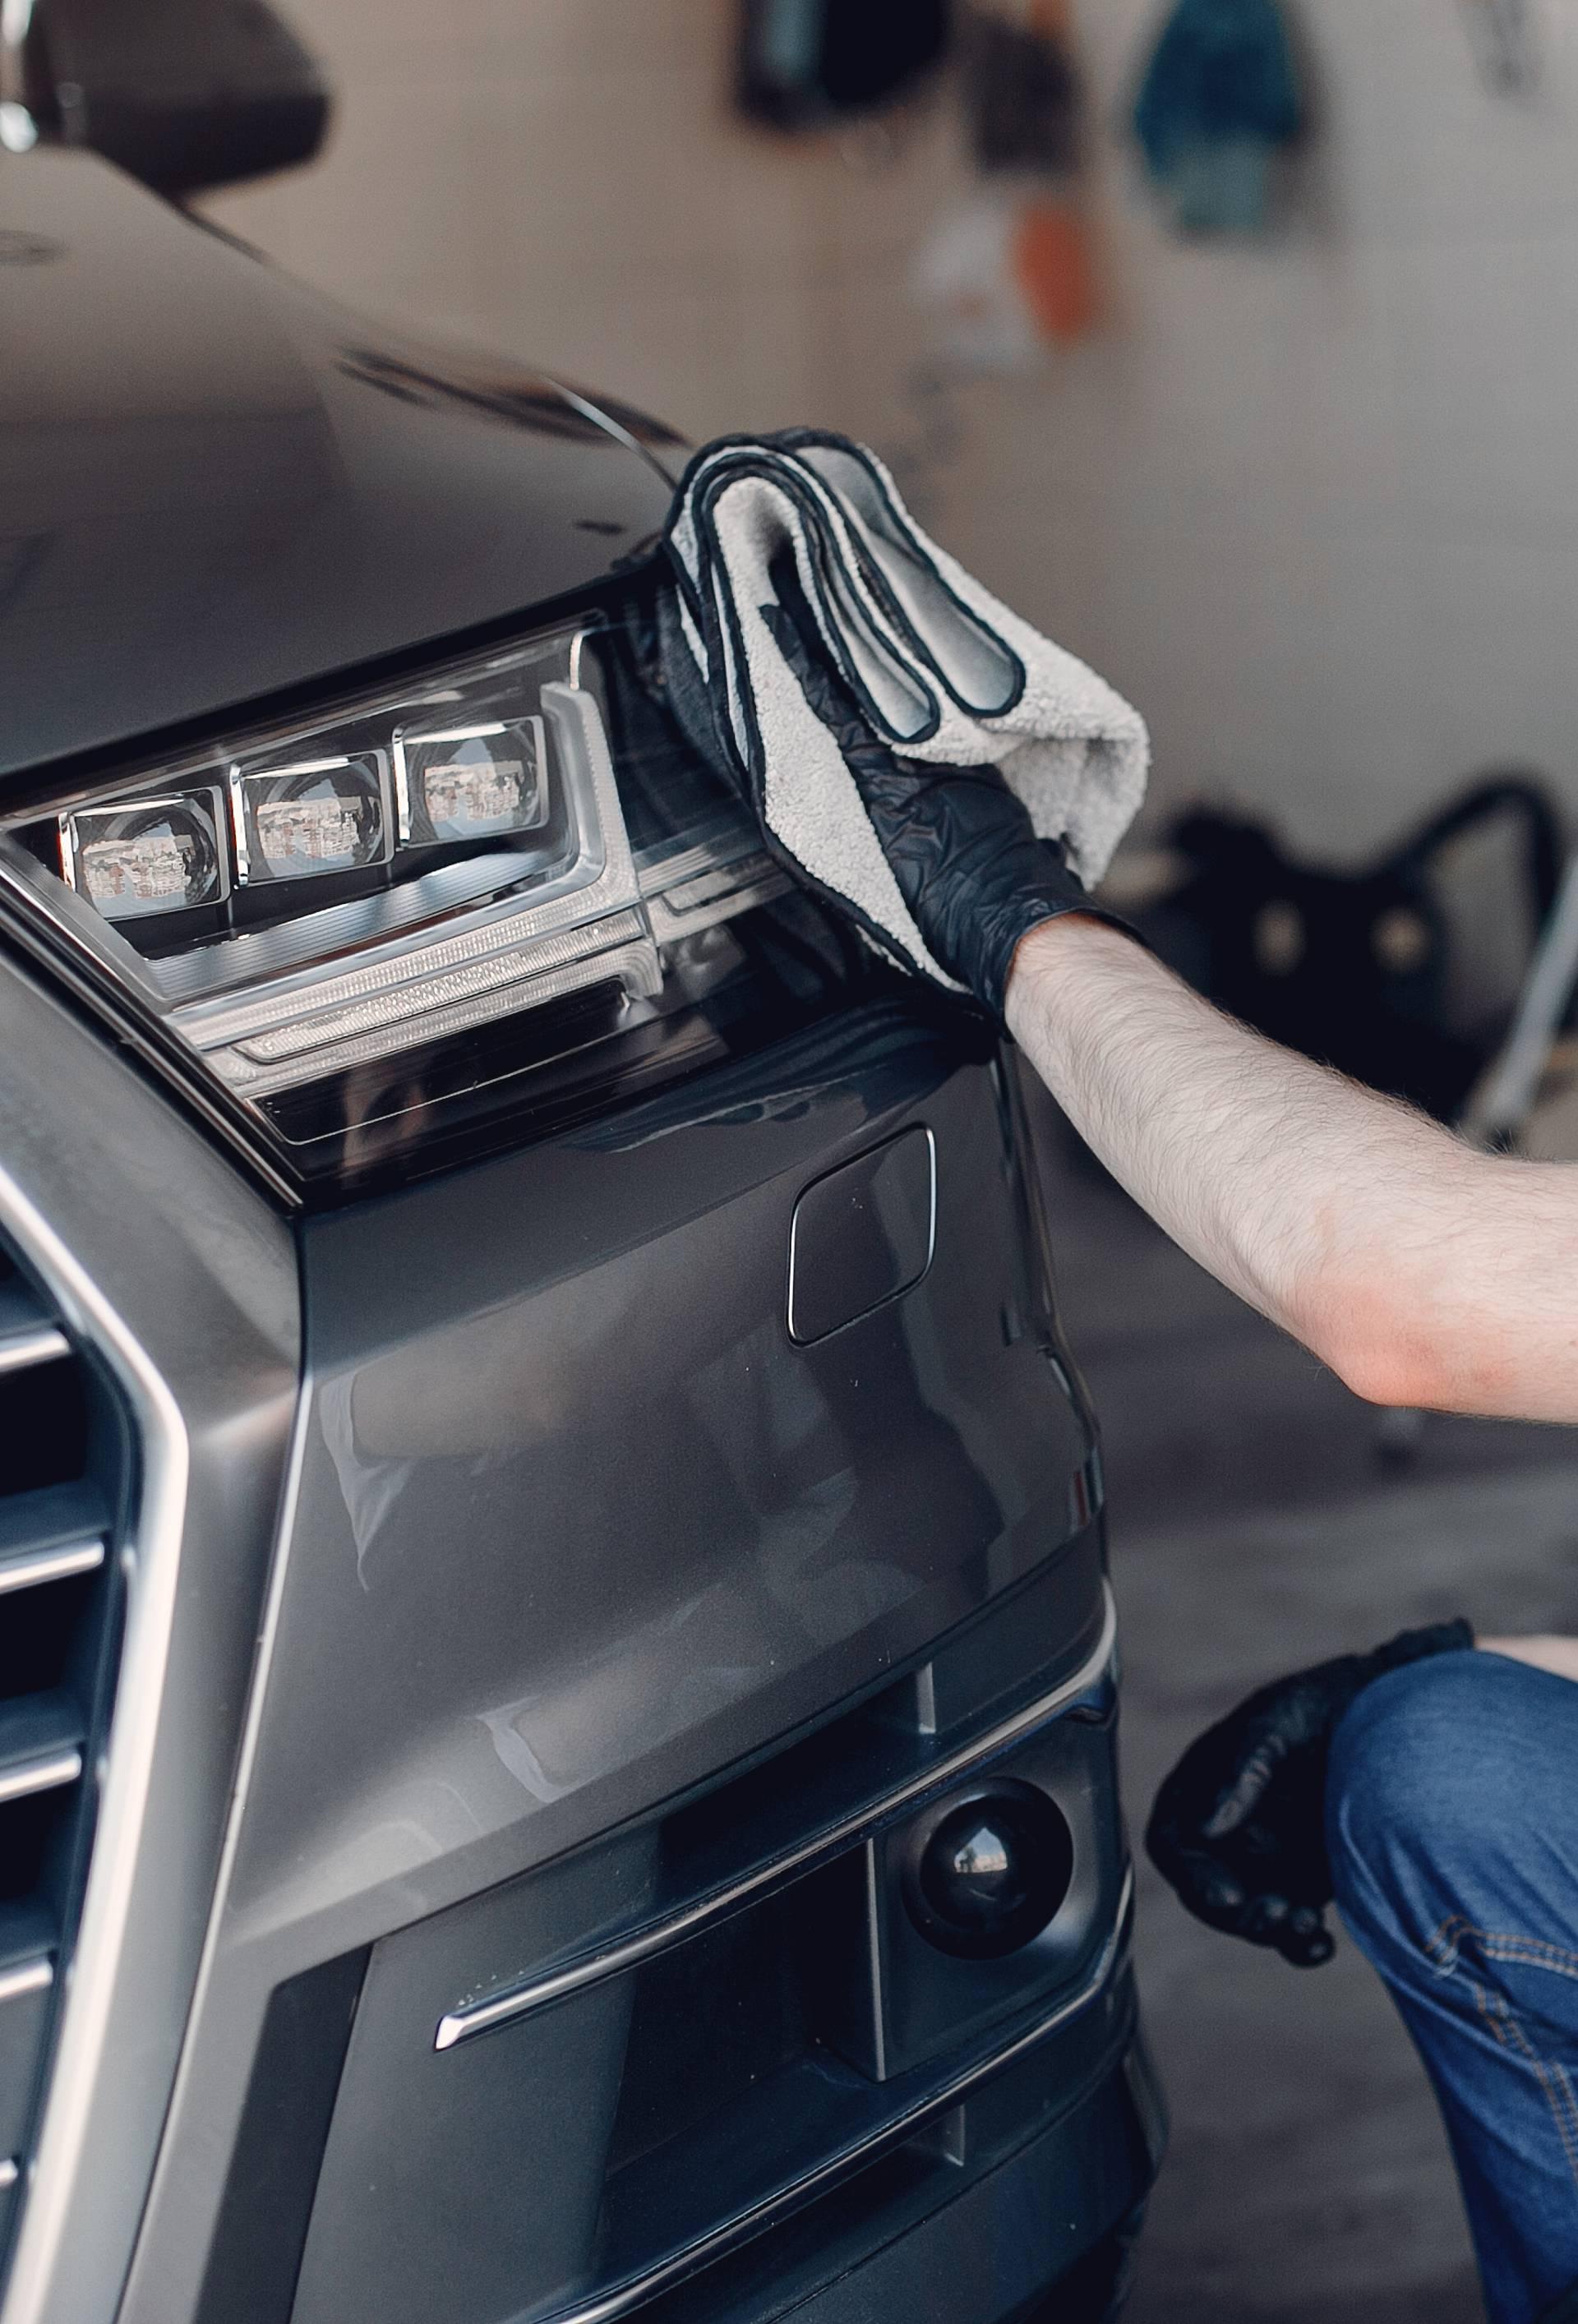 Supertrikovi s pastom za zube: Čisti auto, svjetla i razne mrlje